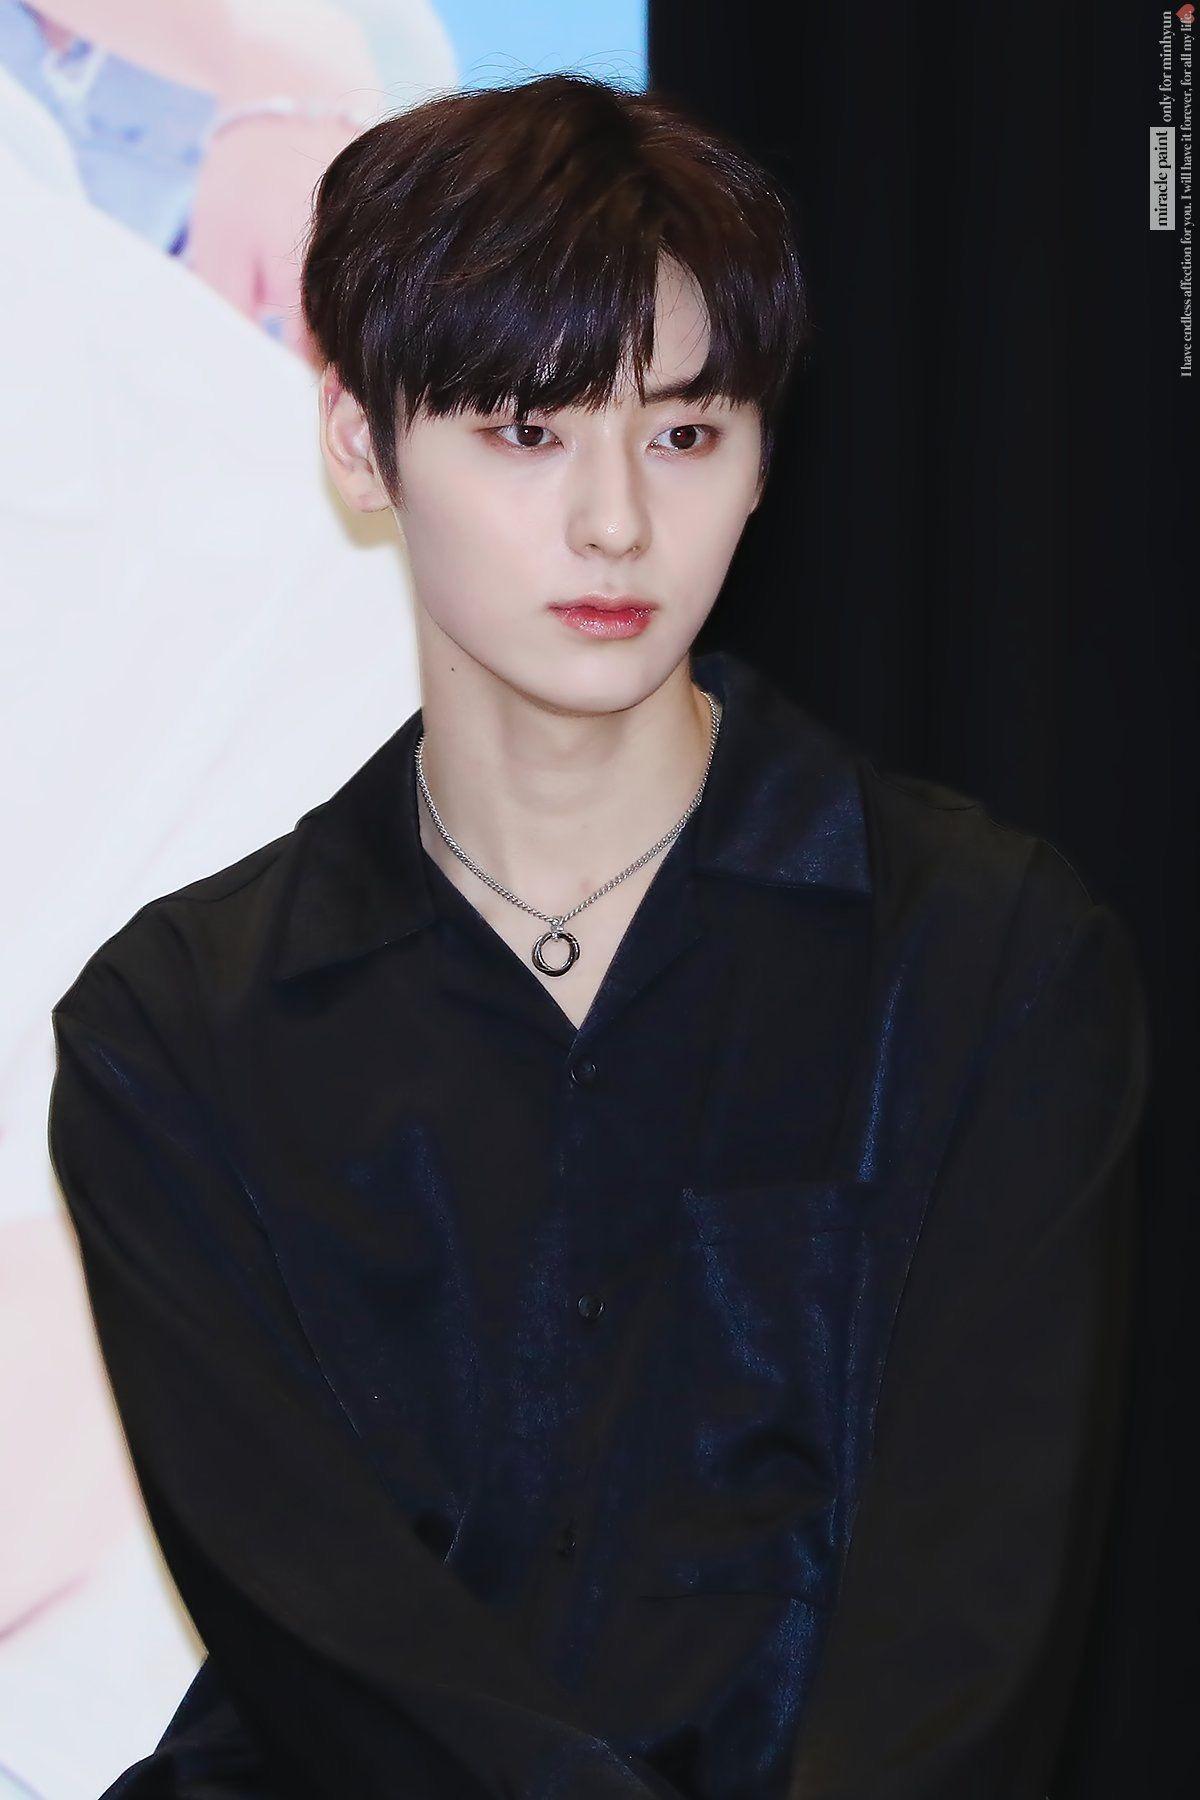 Top 30 nam idol hot nhất hiện nay: Top 1-2 là nam thần ai cũng biết, bất ngờ thứ hạng Baekhyun (EXO) so với V (BTS) - Ảnh 10.